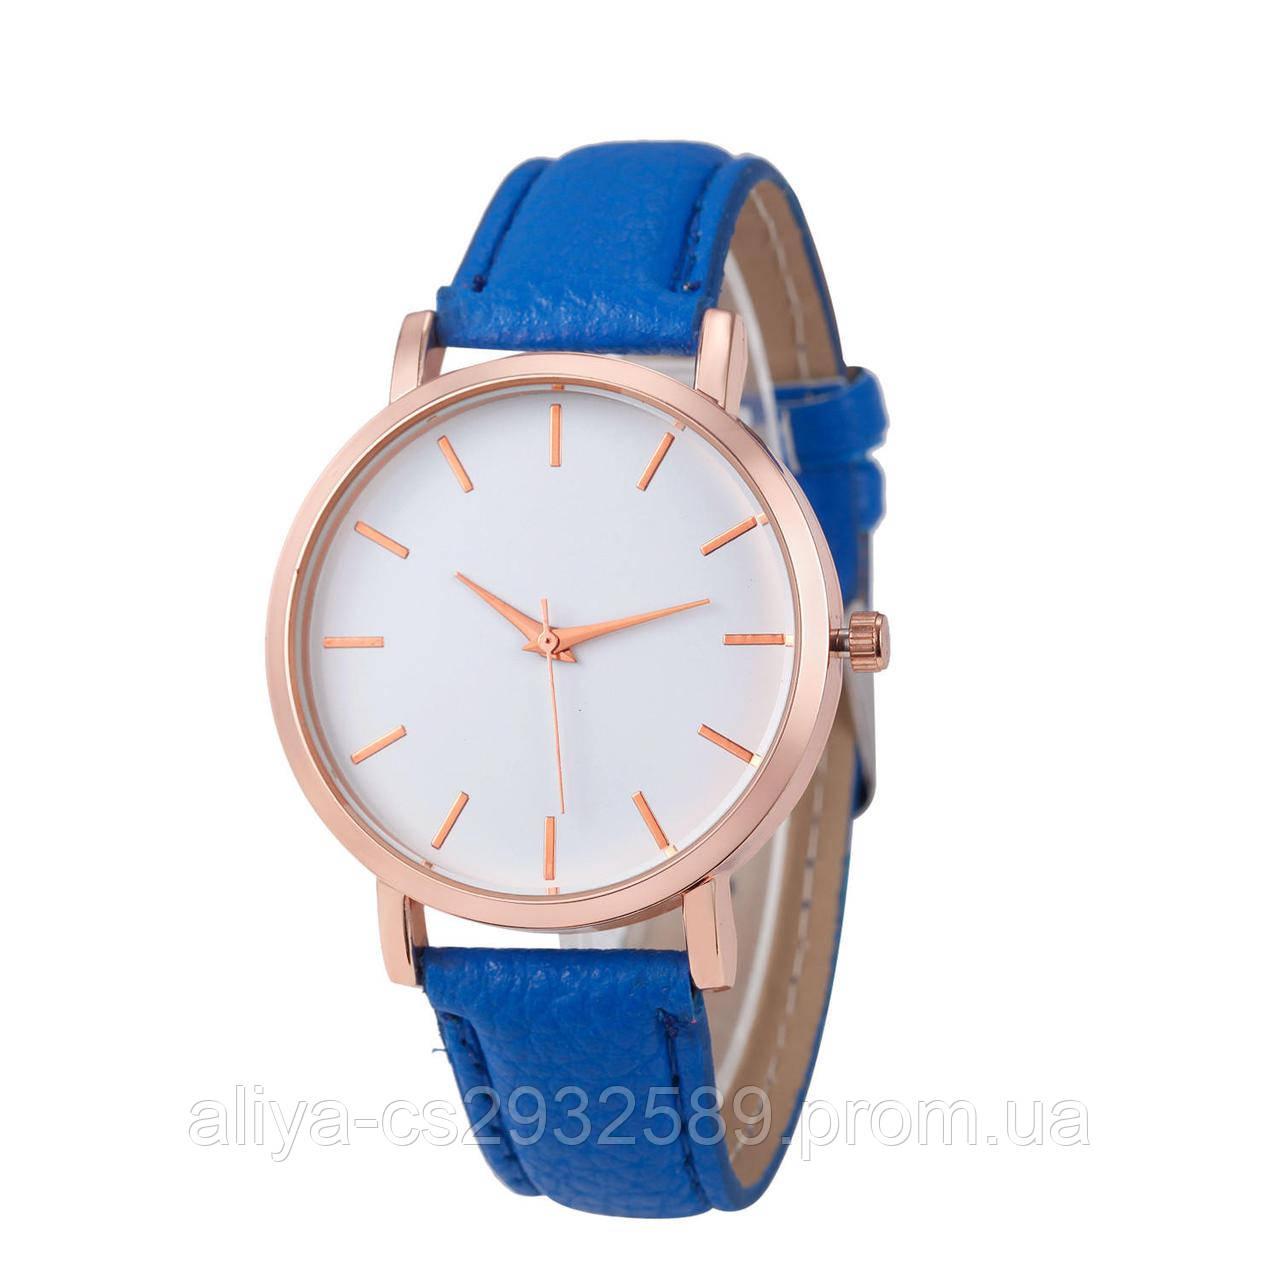 Часы женские кварцевые